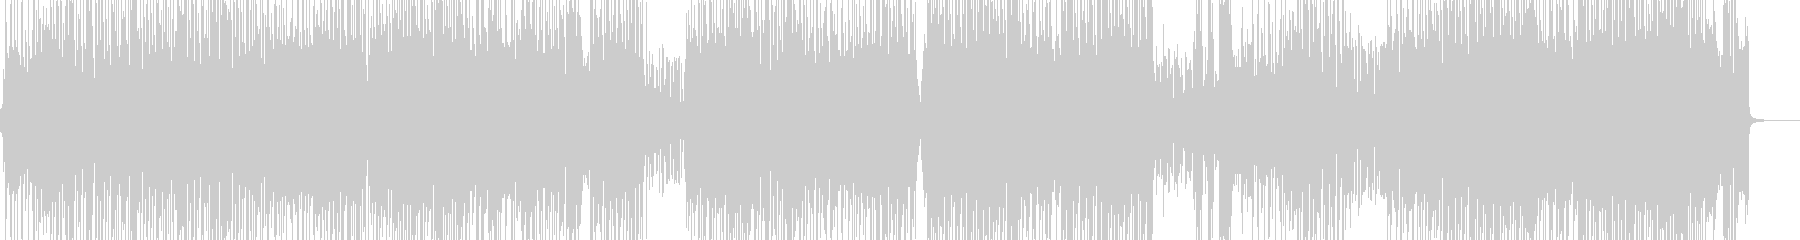 パステル調・少女風メルヘンロック B2の未再生の波形